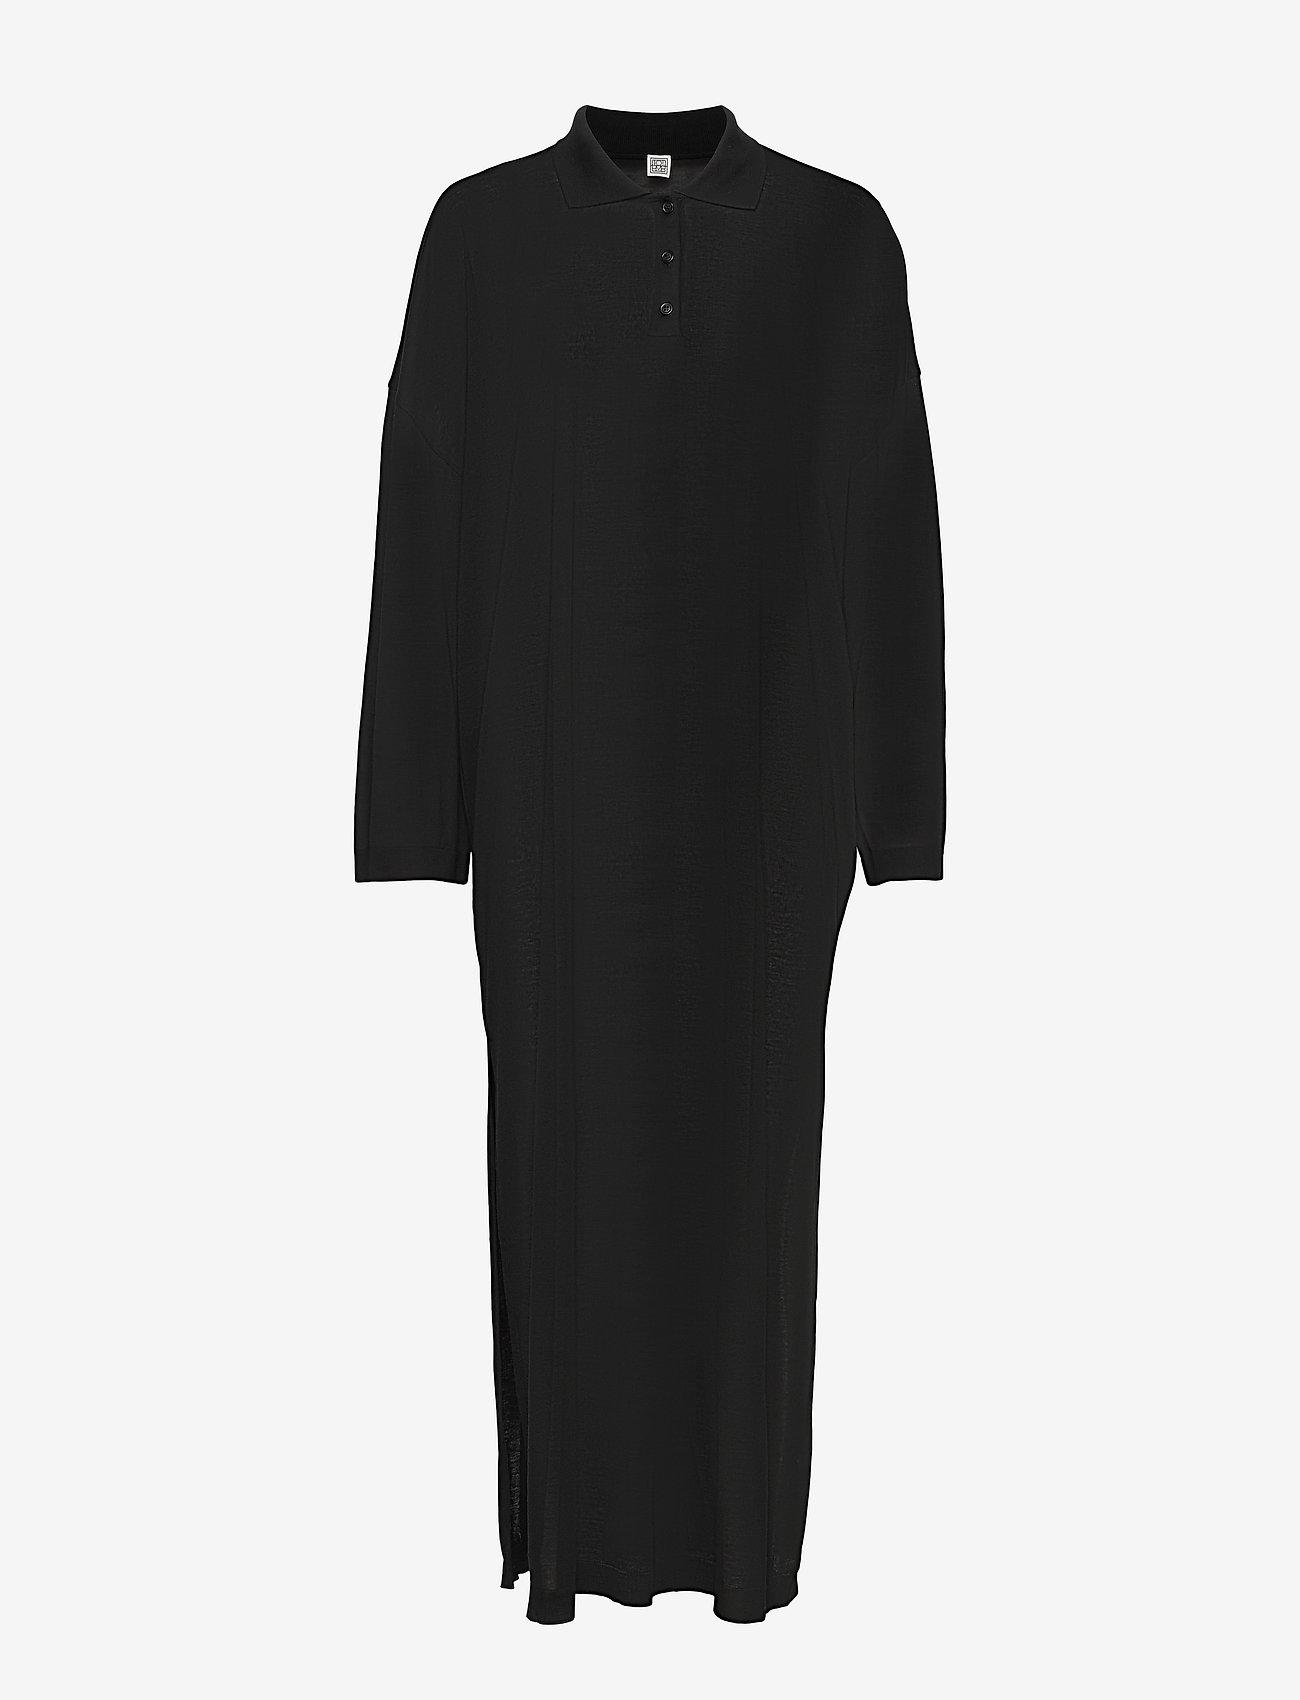 Totême - BARZIO DRESS - maxi dresses - black 200